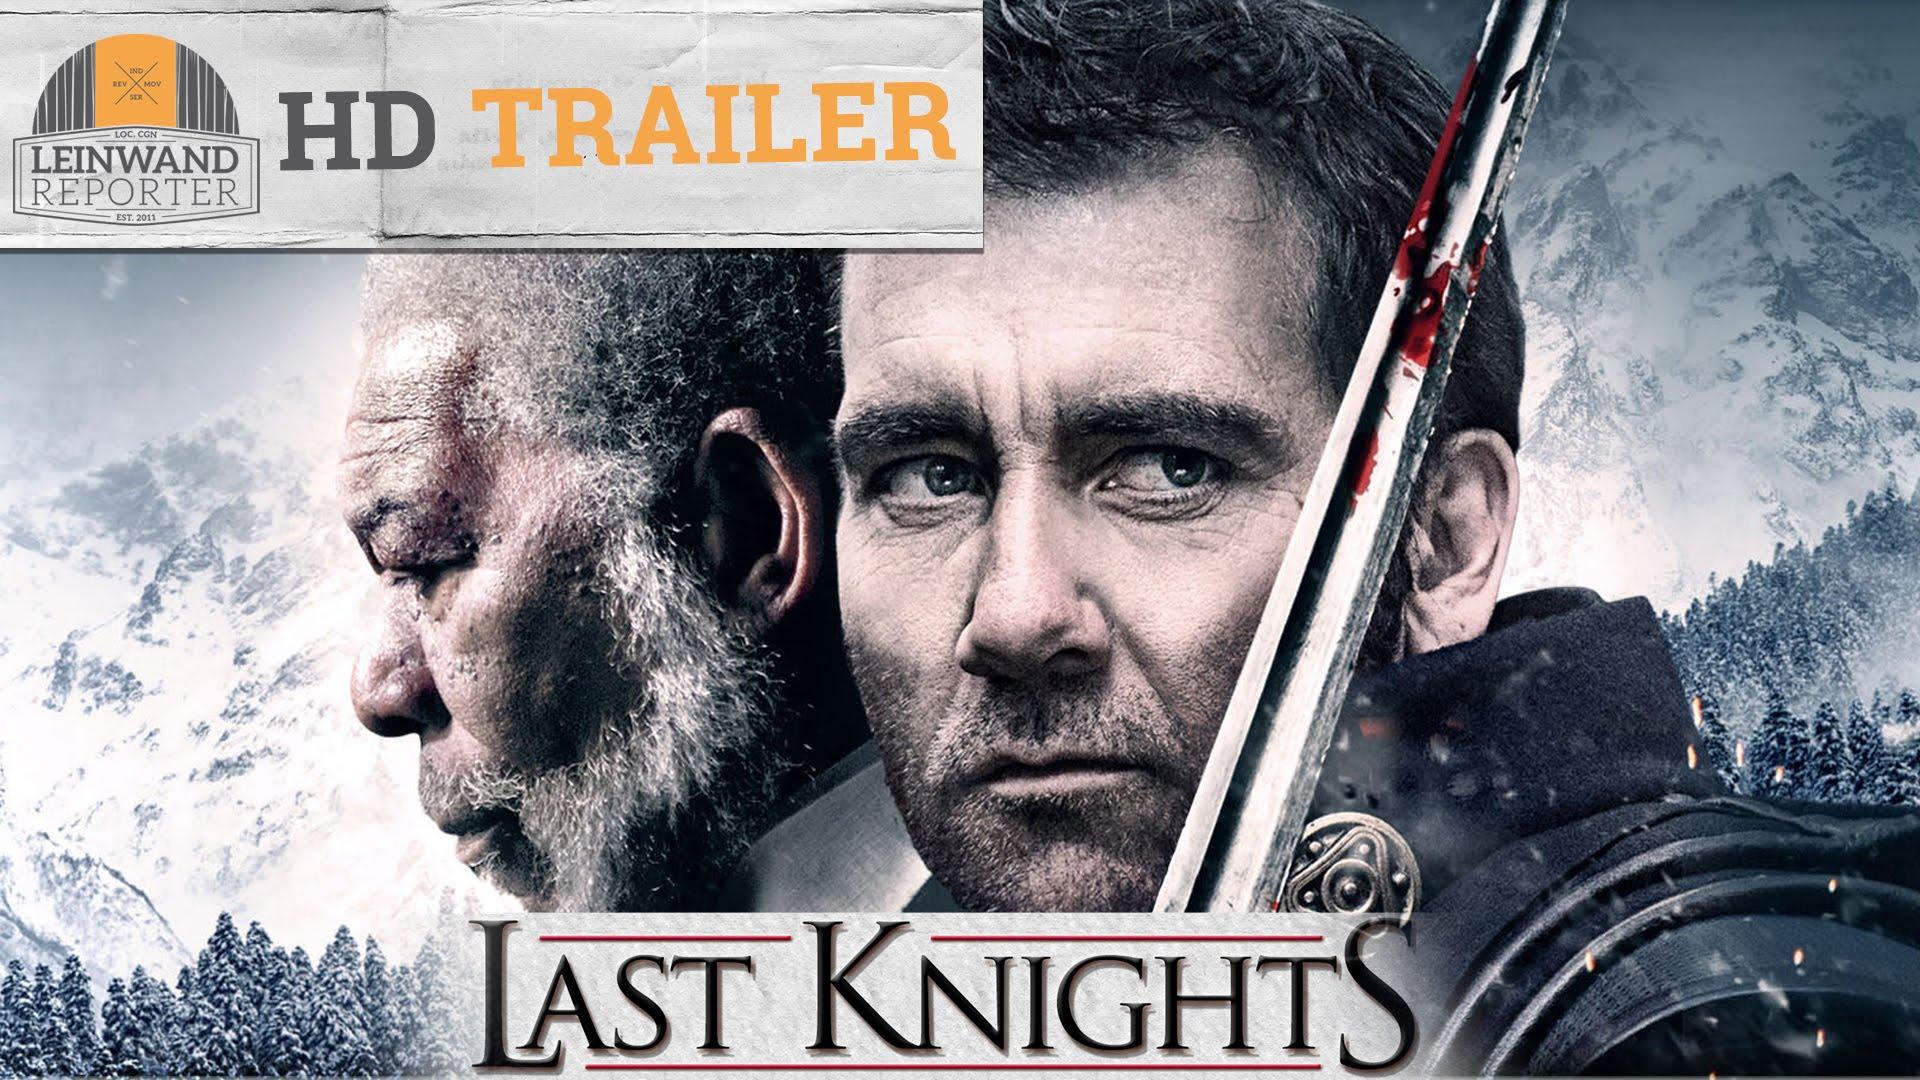 LAST KNIGHTS HD Trailer 1080p german deutsch